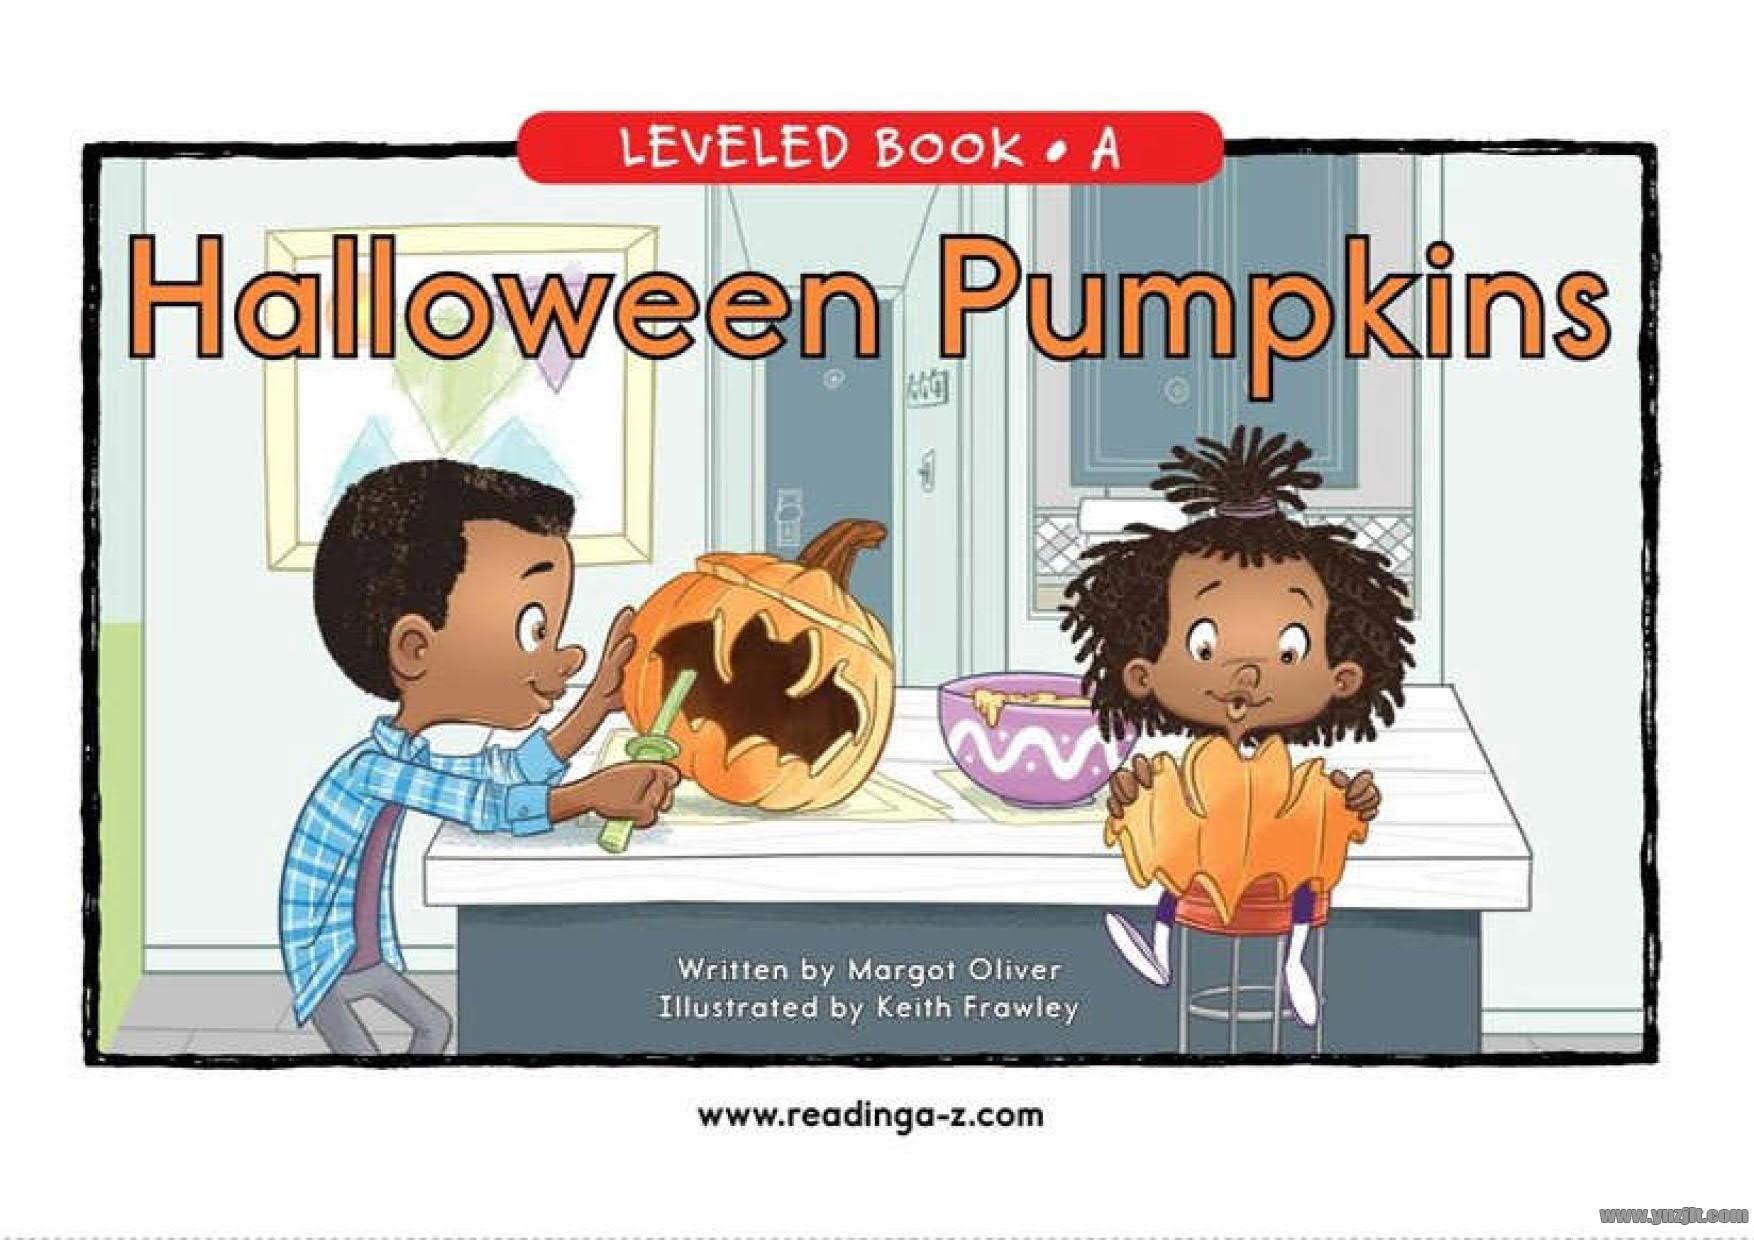 1.Holloween pumpkins1.jpg